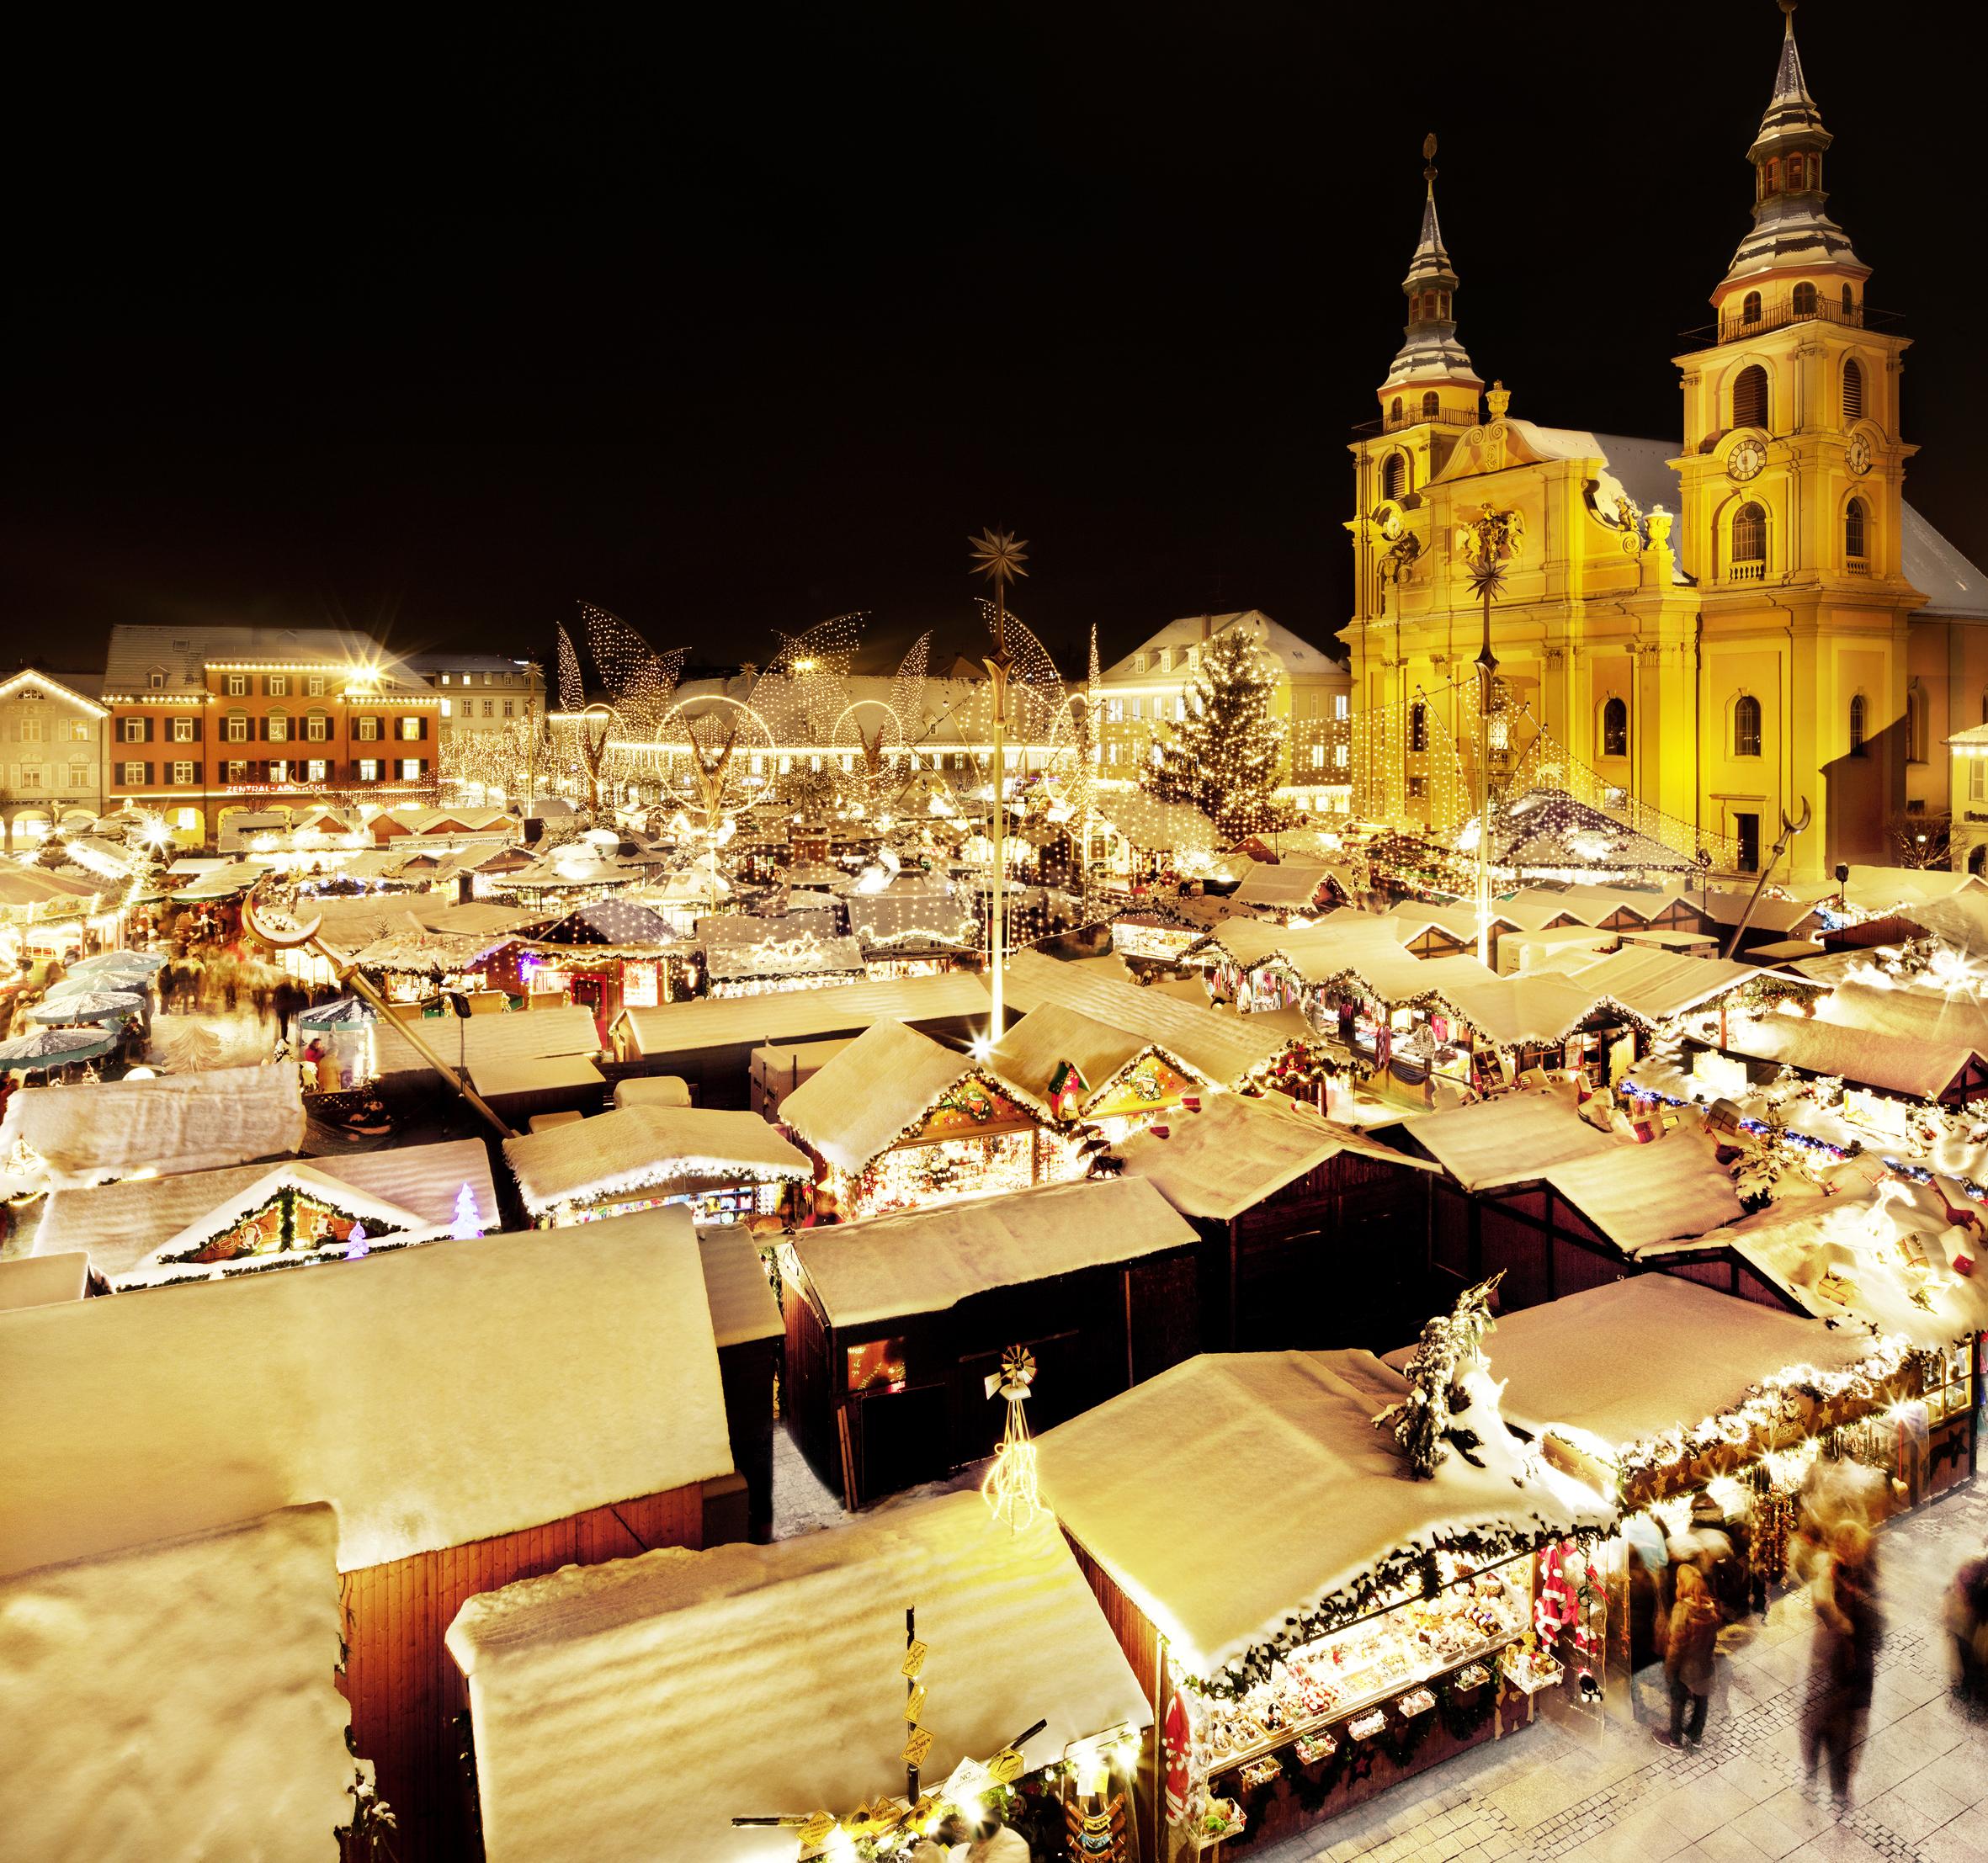 Ludwigsburg Weihnachtsmarkt.Die Schönsten Weihnachtsmärkte Deutschlands Der Ludwigsburger